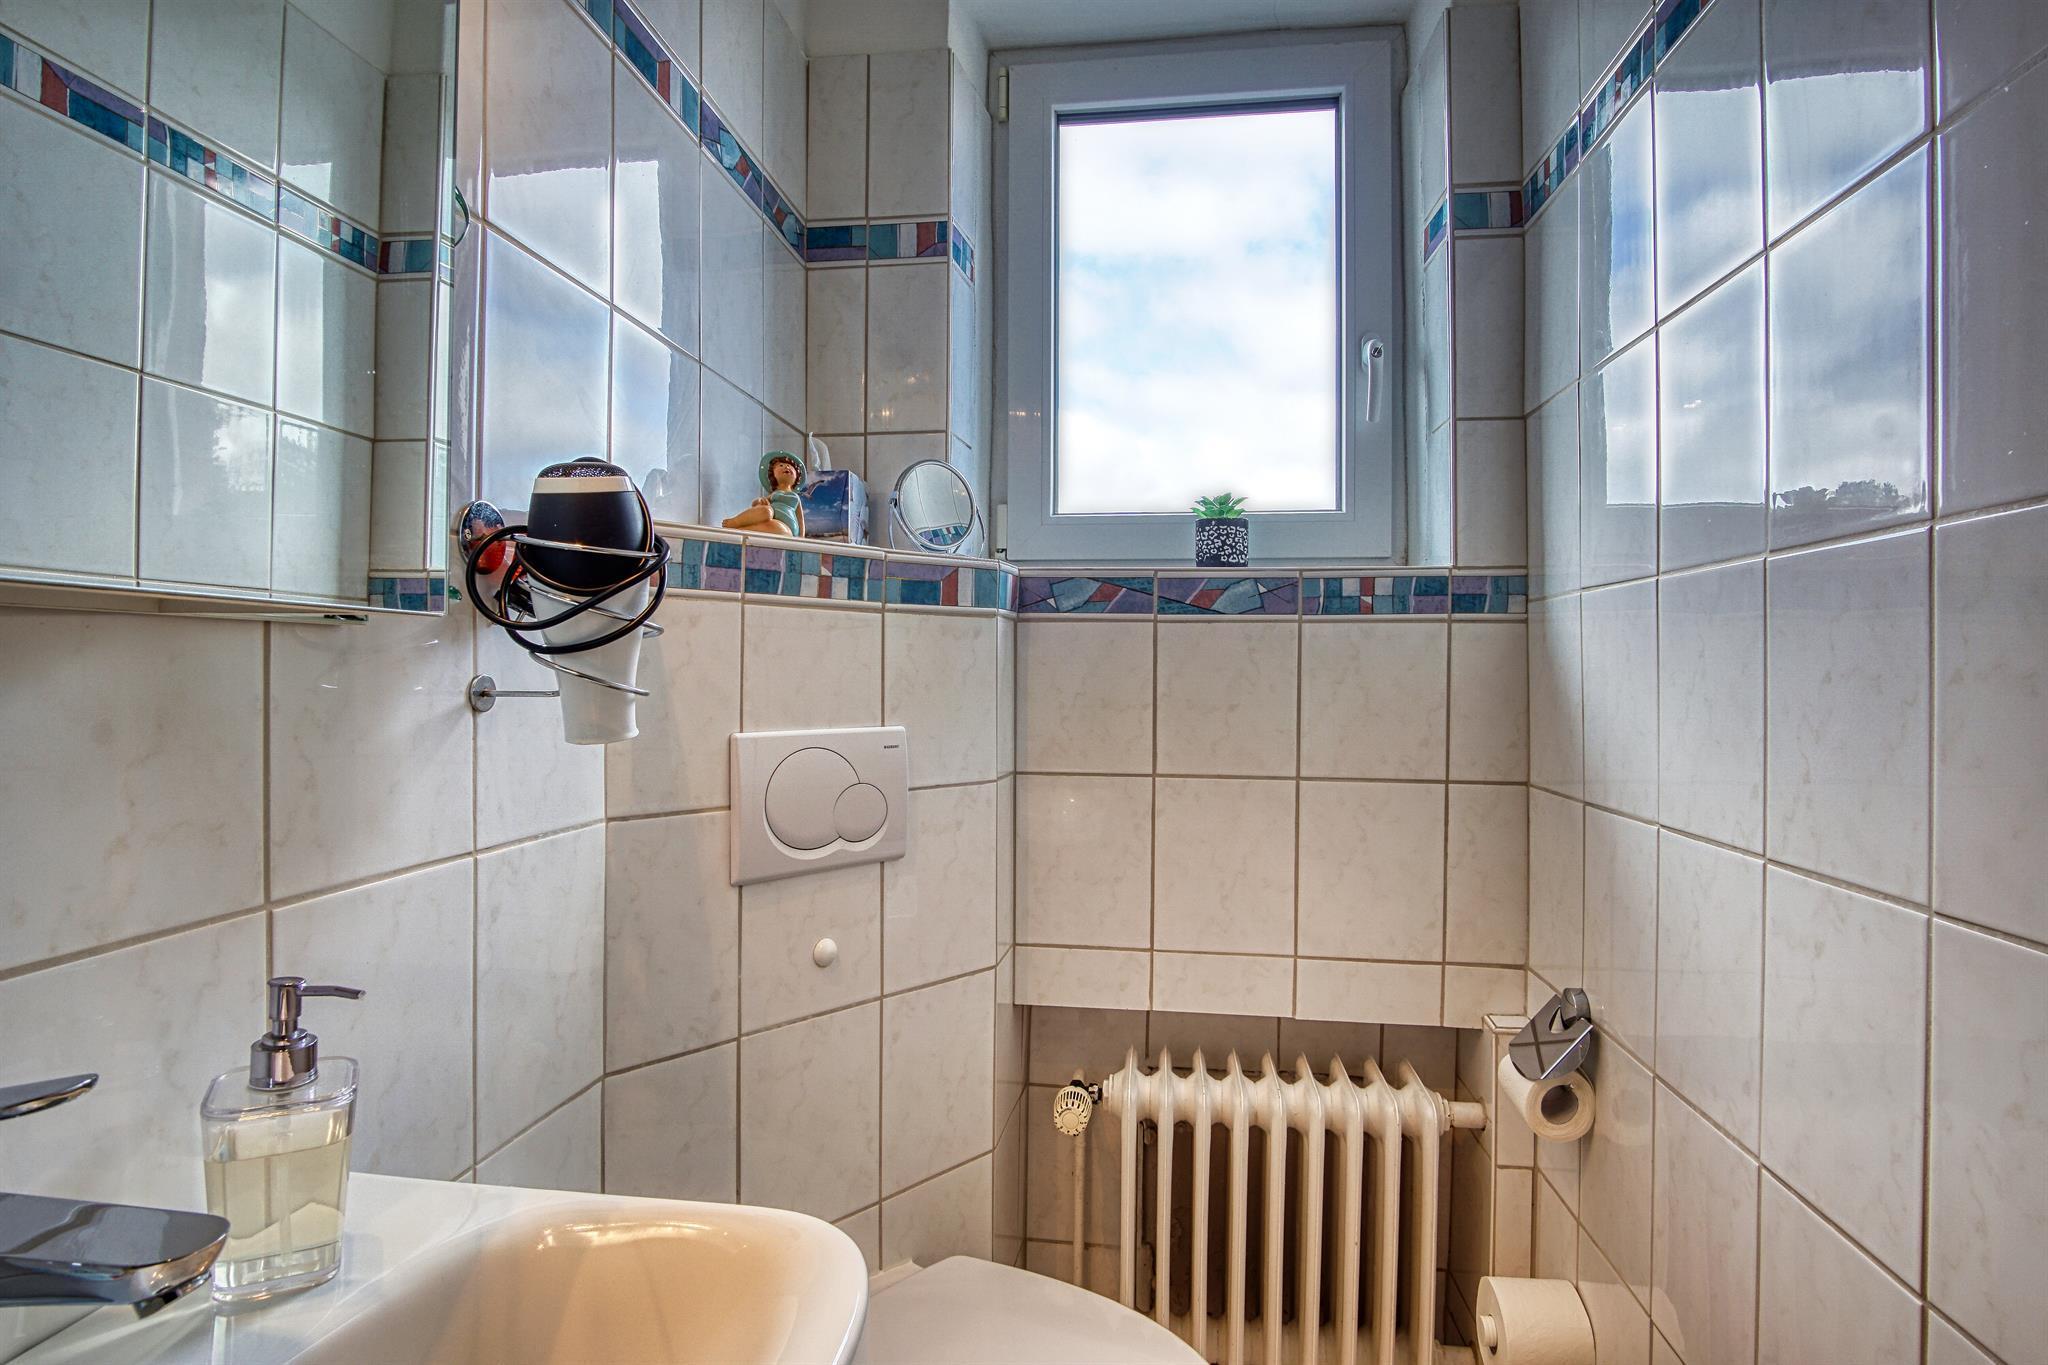 Badezimmer mit Fenster Zimmer Nr. 8